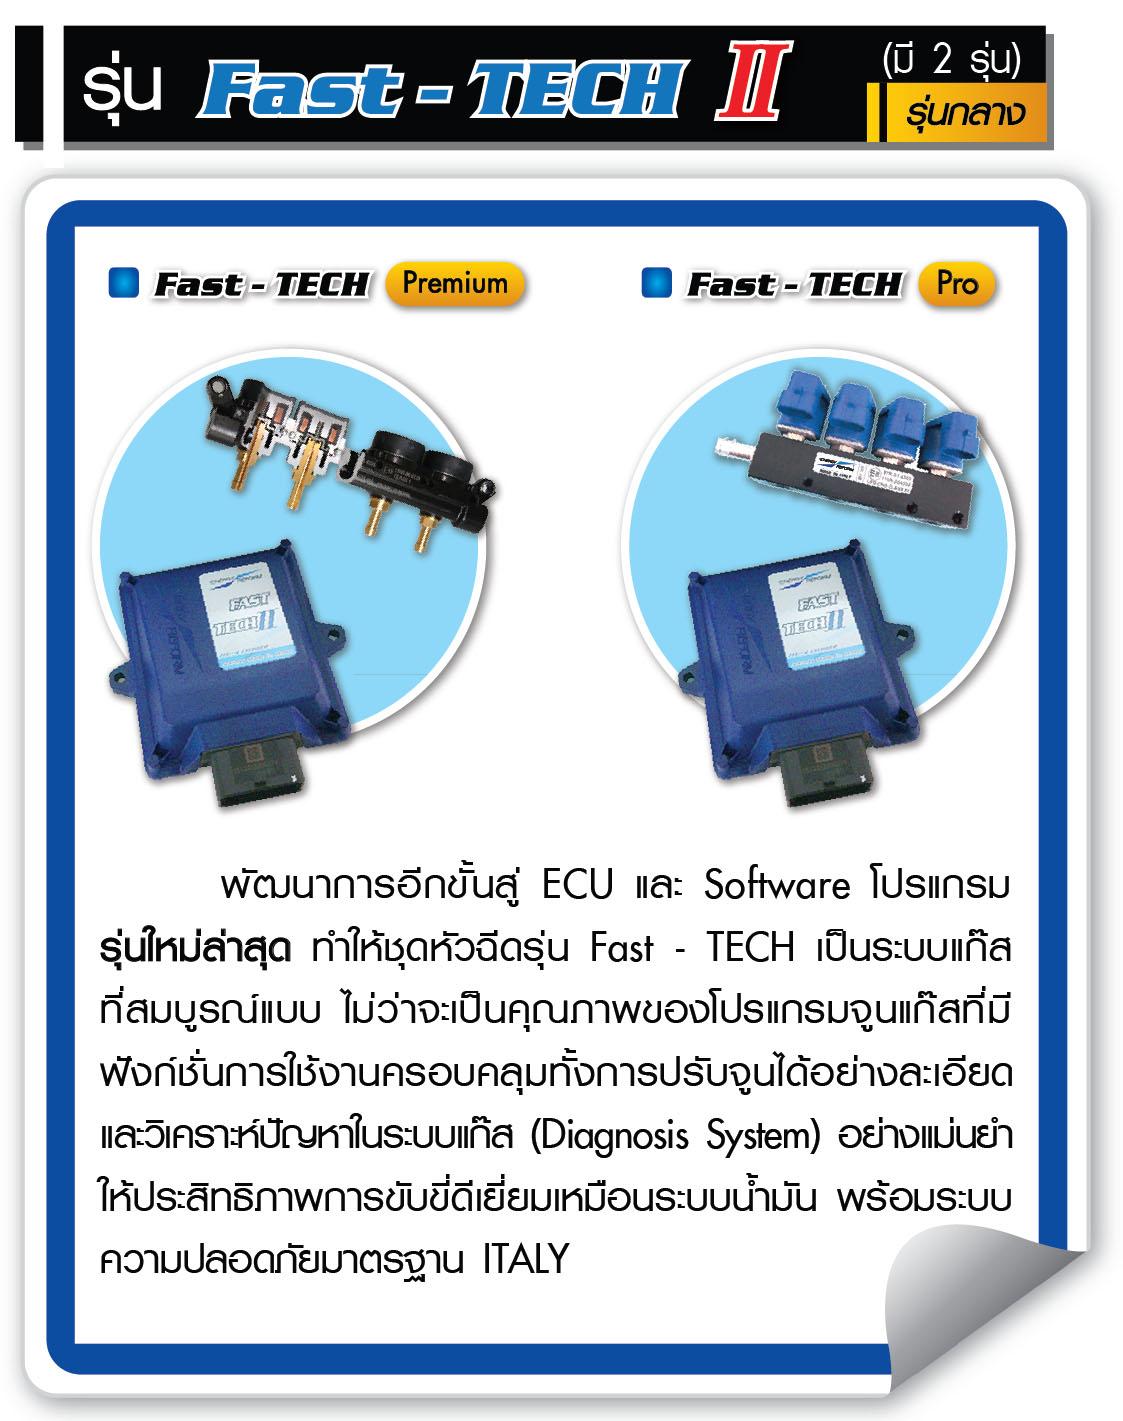 อุปกรณ์แก๊ส NGV ระบบหัวฉีด รุ่น Fast-TECH II (Premium,Pro)